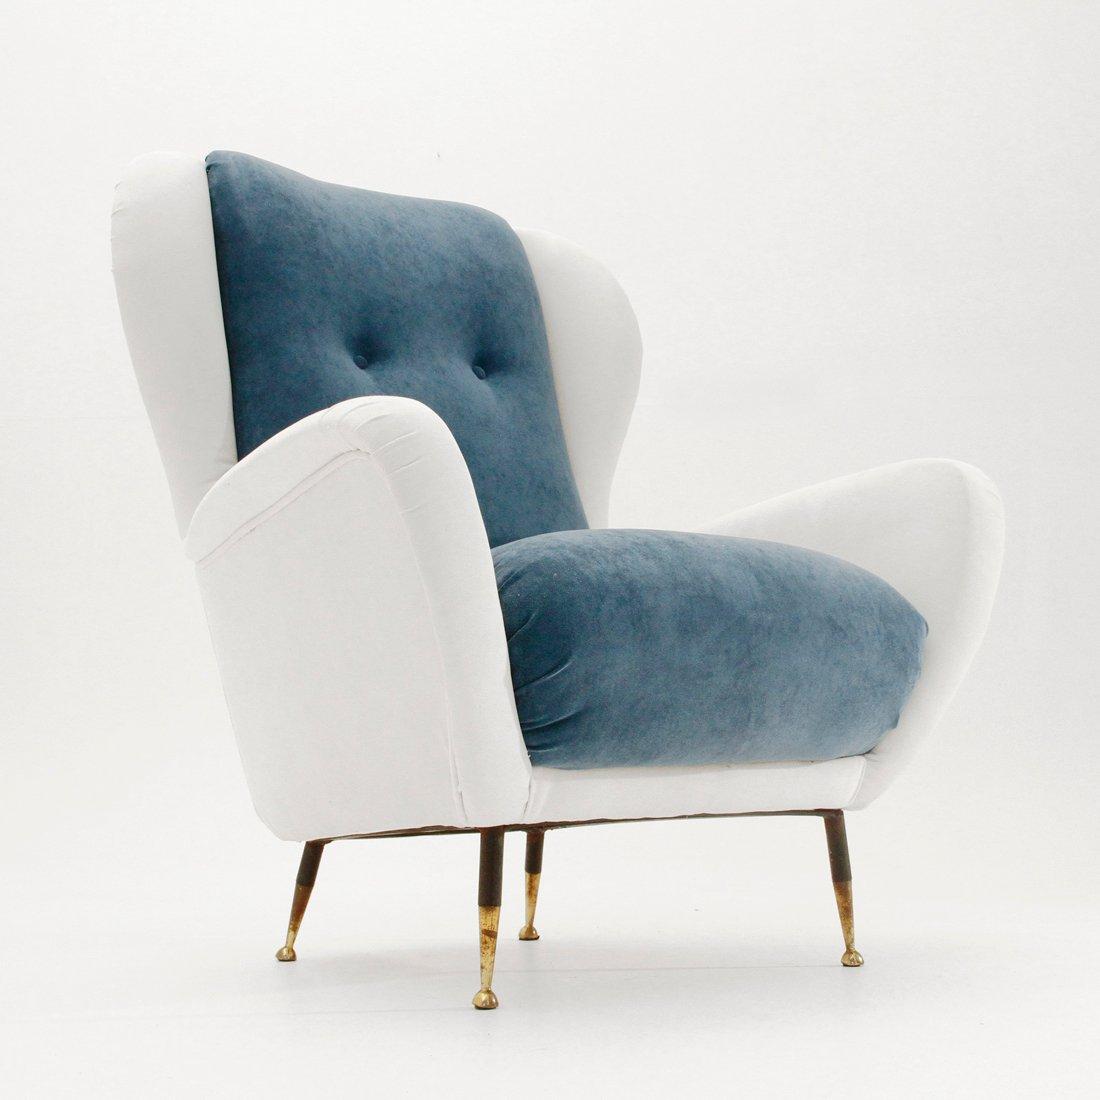 Italian Mid Century White And Blue Velvet Armchair, 1950s